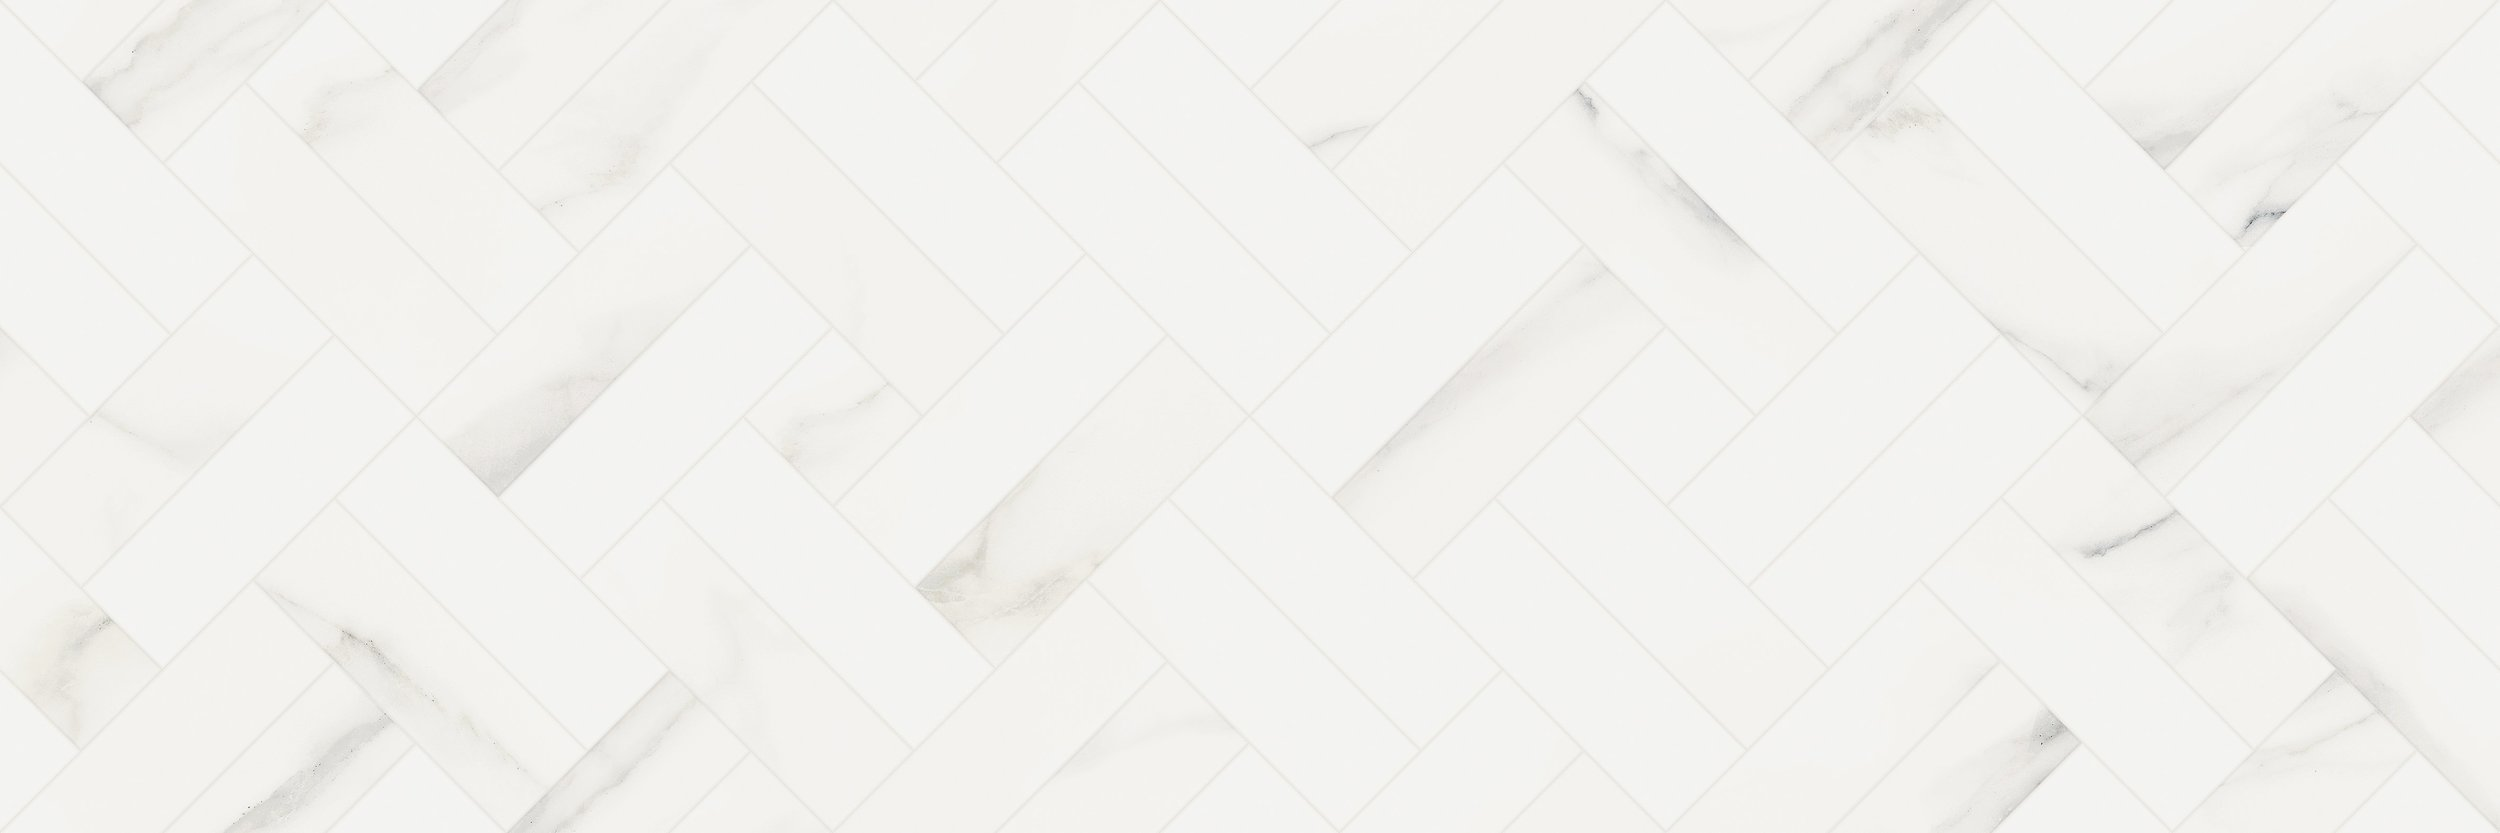 Купить Керамогранит Benadresa Egeo Decor настенный 40х120, Испания